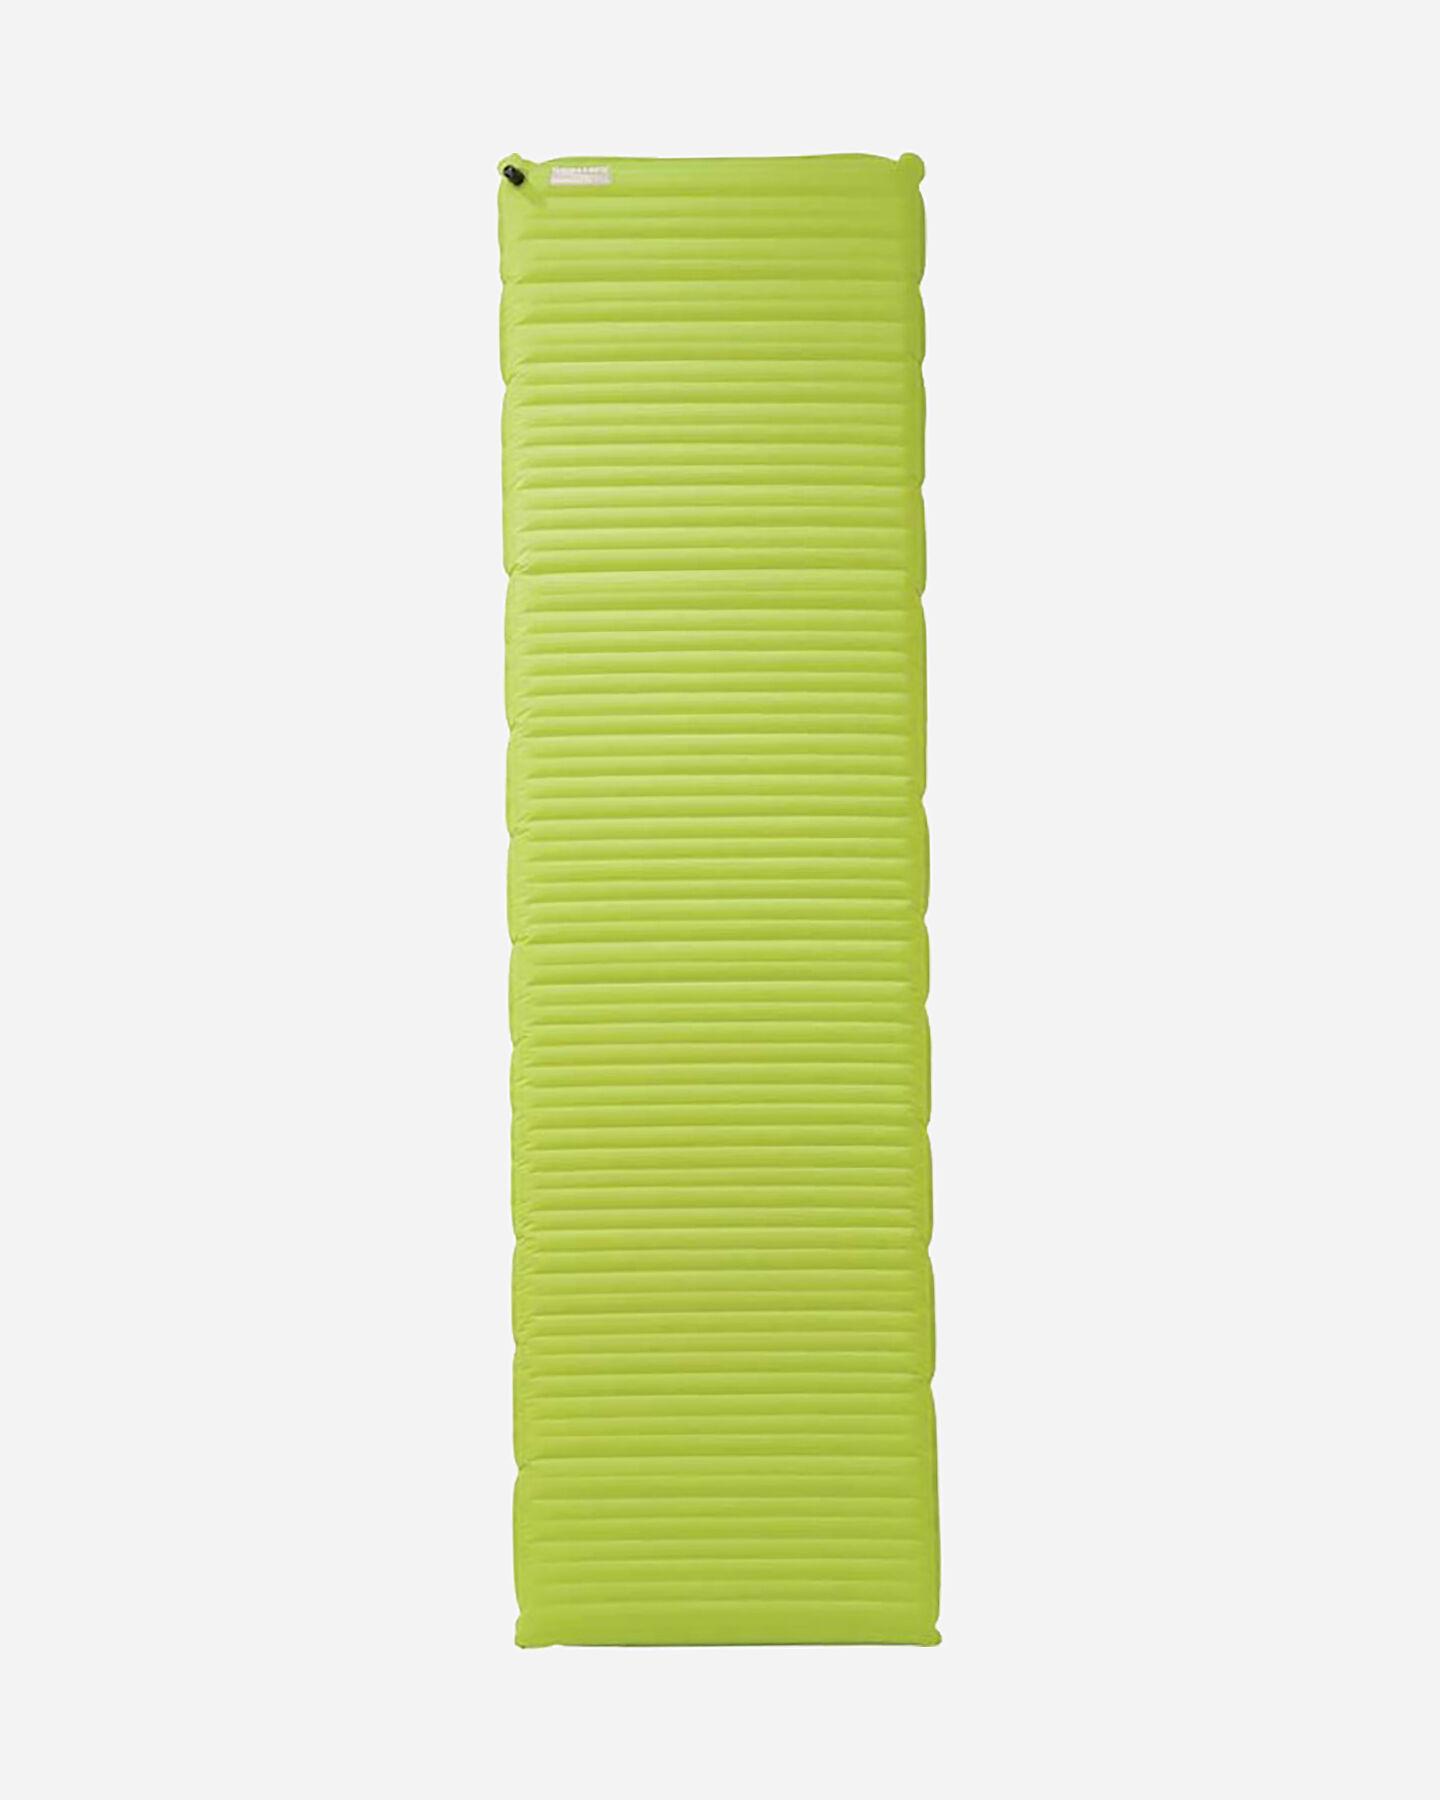 Materassino THERM-A-REST G NEOAIR VENTURE REG S4013407|1|UNI scatto 1